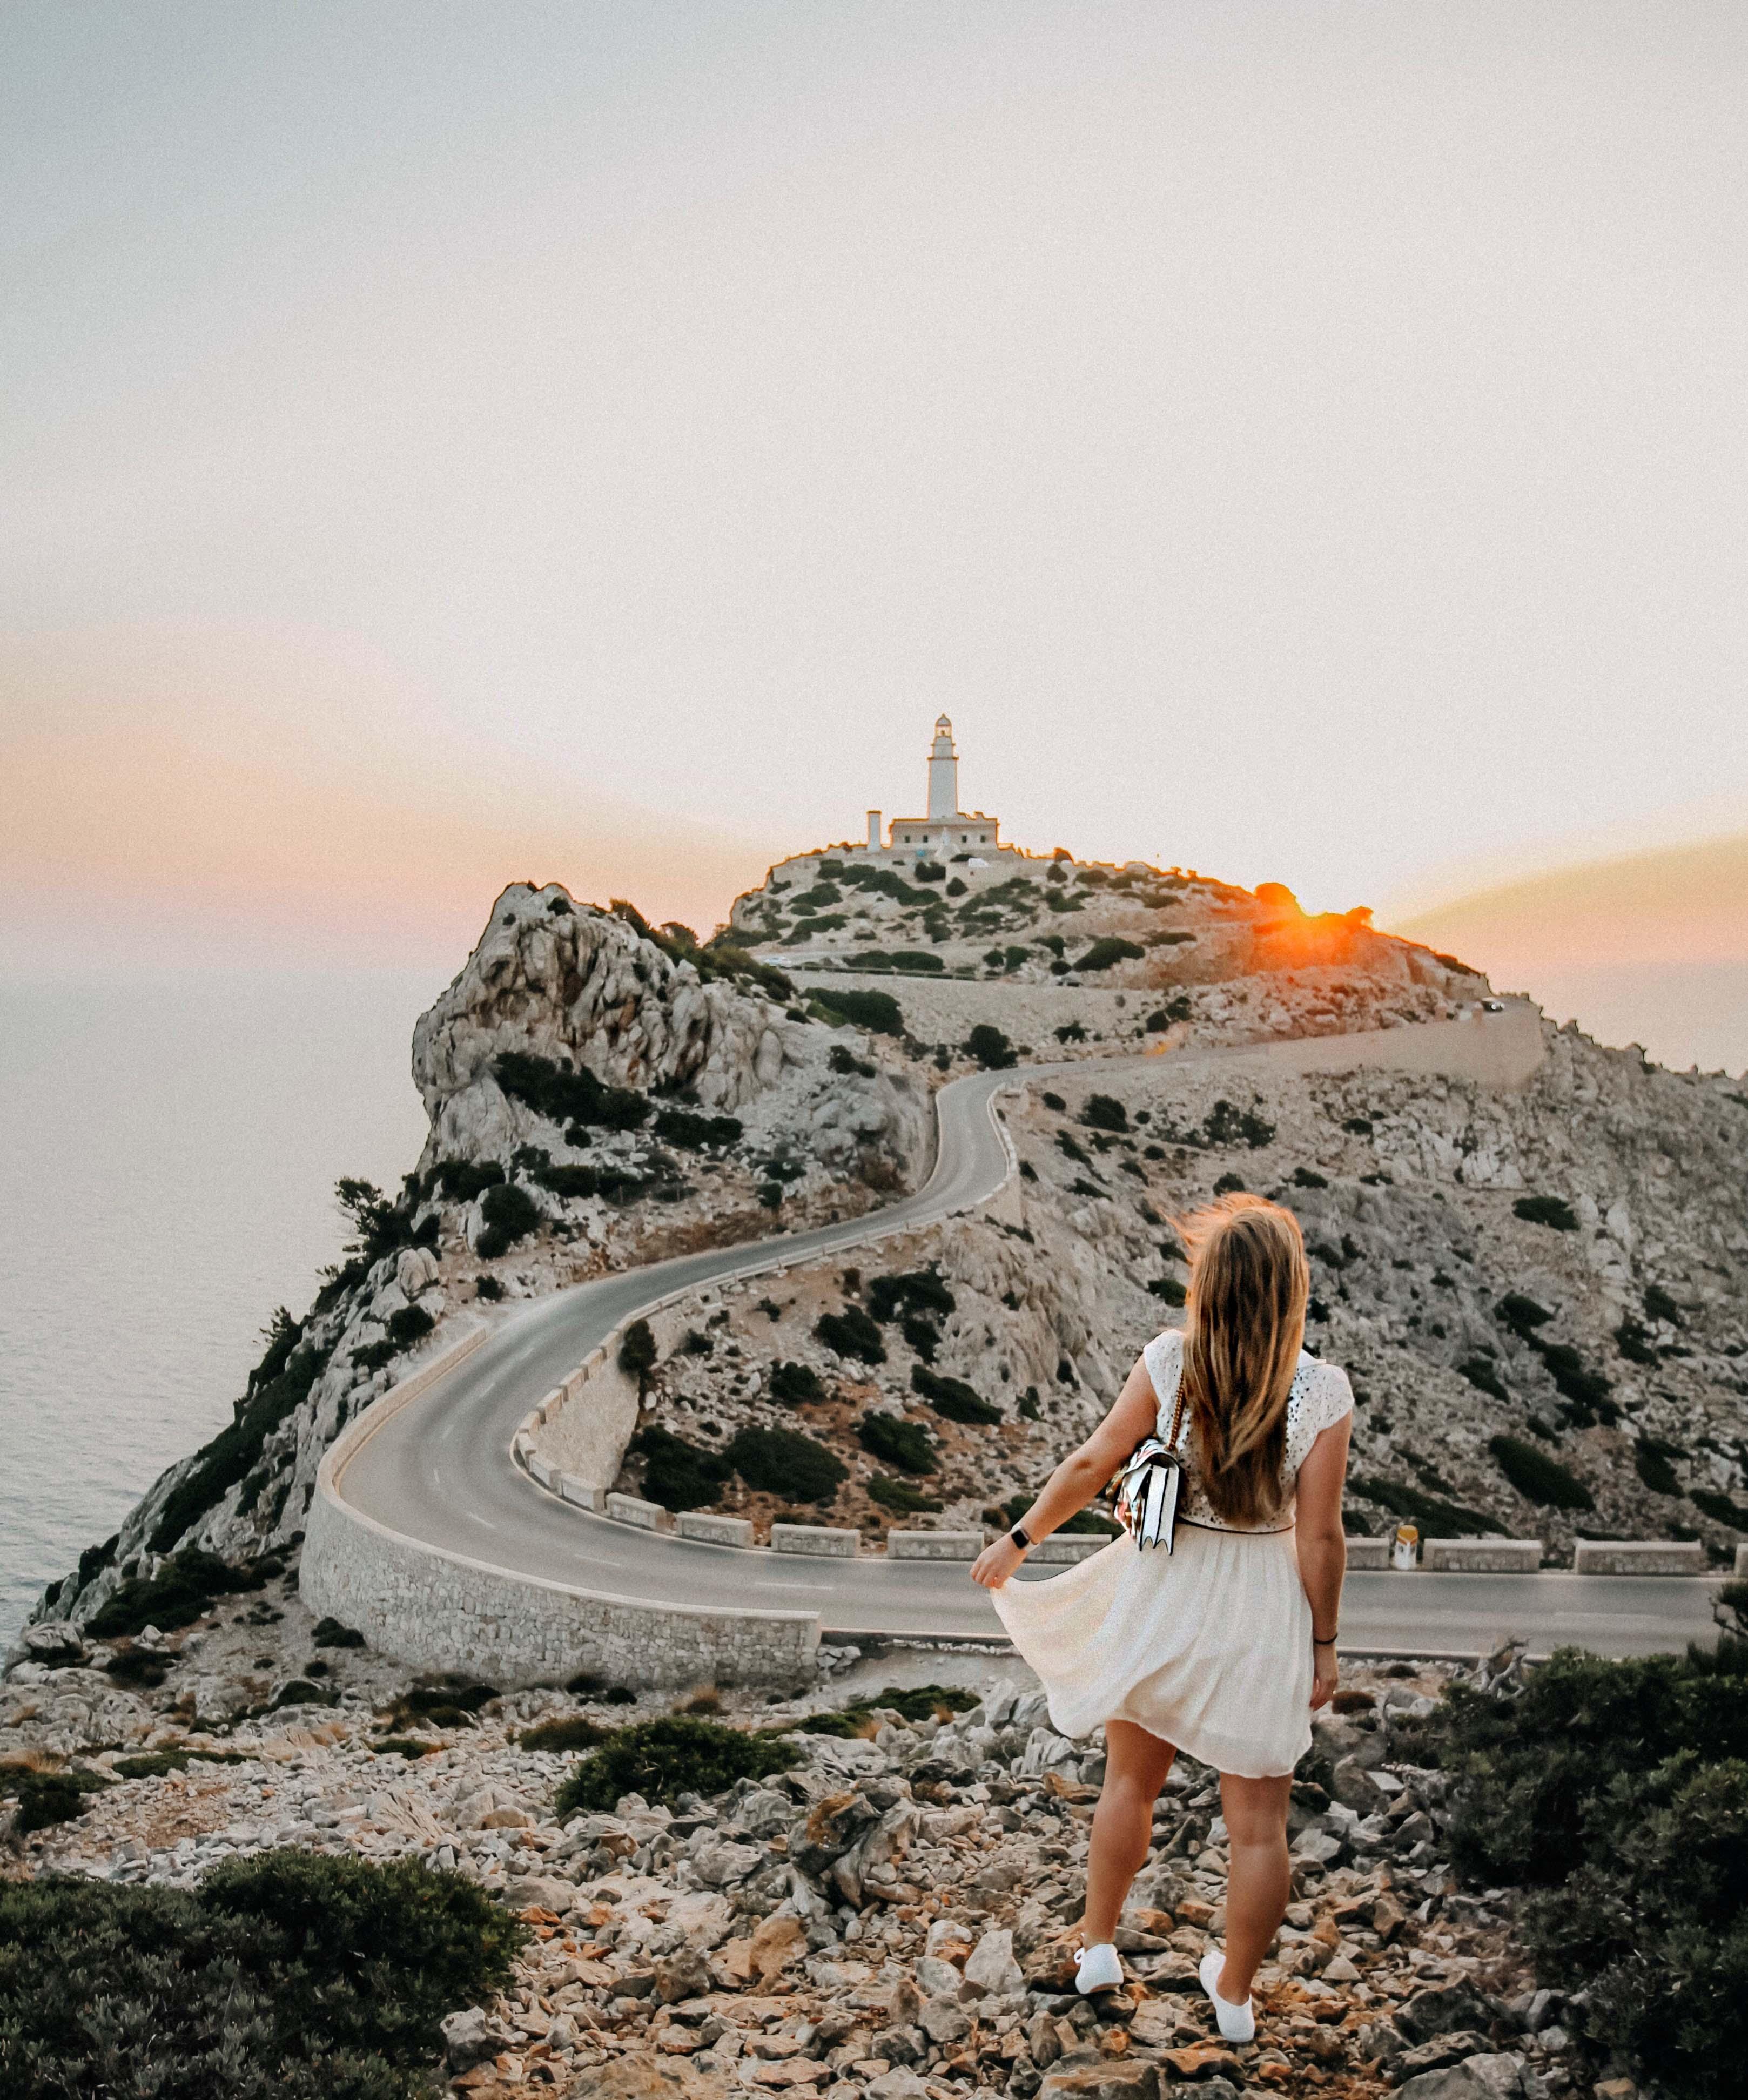 Top 10 Mallorca Instagram Spots Cap de Formentor Leuchtturm Sonnenaufgang schönste Fotolocations Sehenswürdigkeiten Mallorca 3